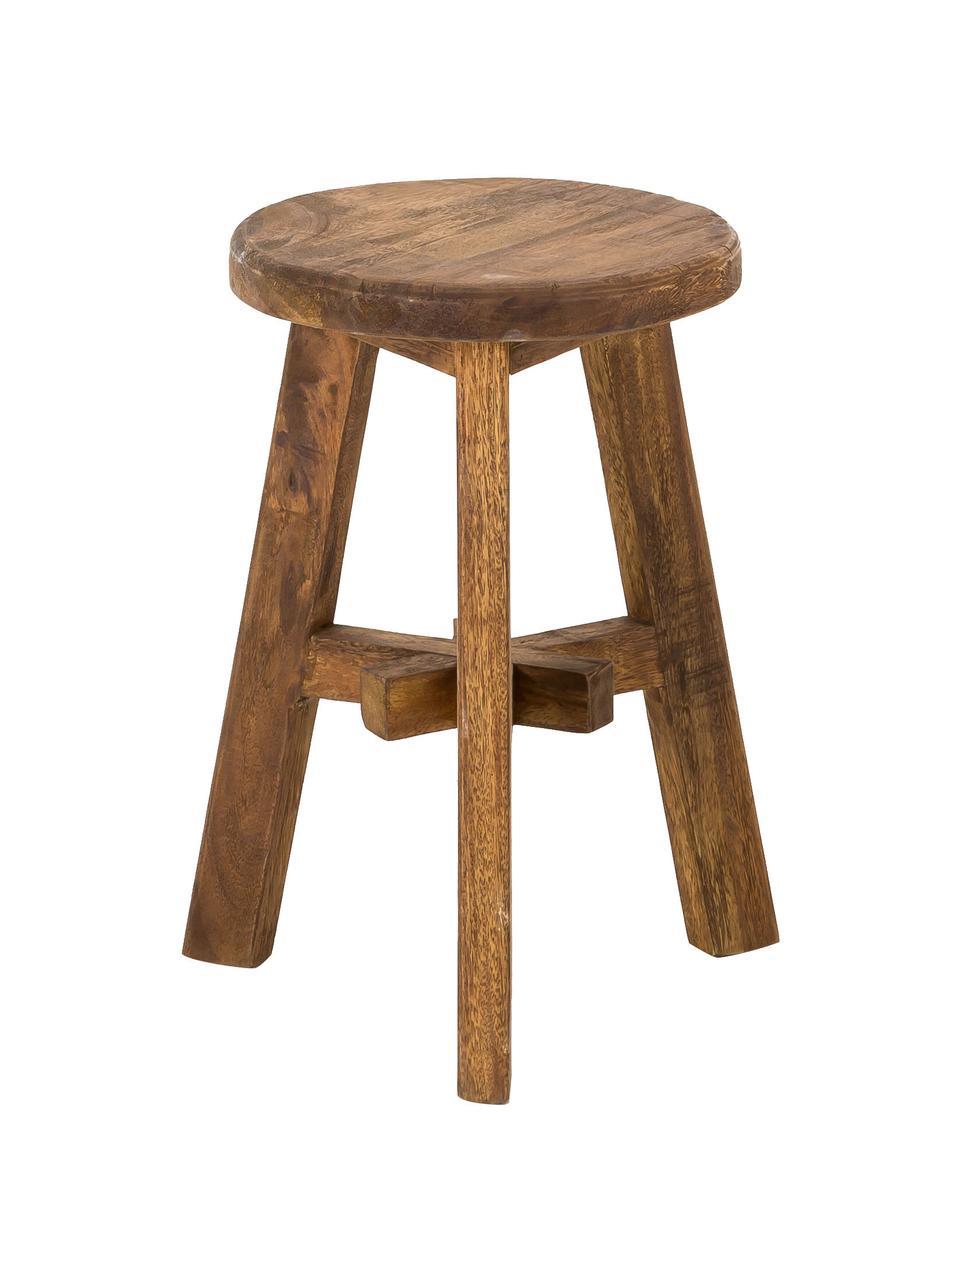 Stołek z drewna tekowego Dingklik, Drewno tekowe barwione, Drewno tekowe, ciemnybrązowy barwiony, Ø 35 x W 50 cm